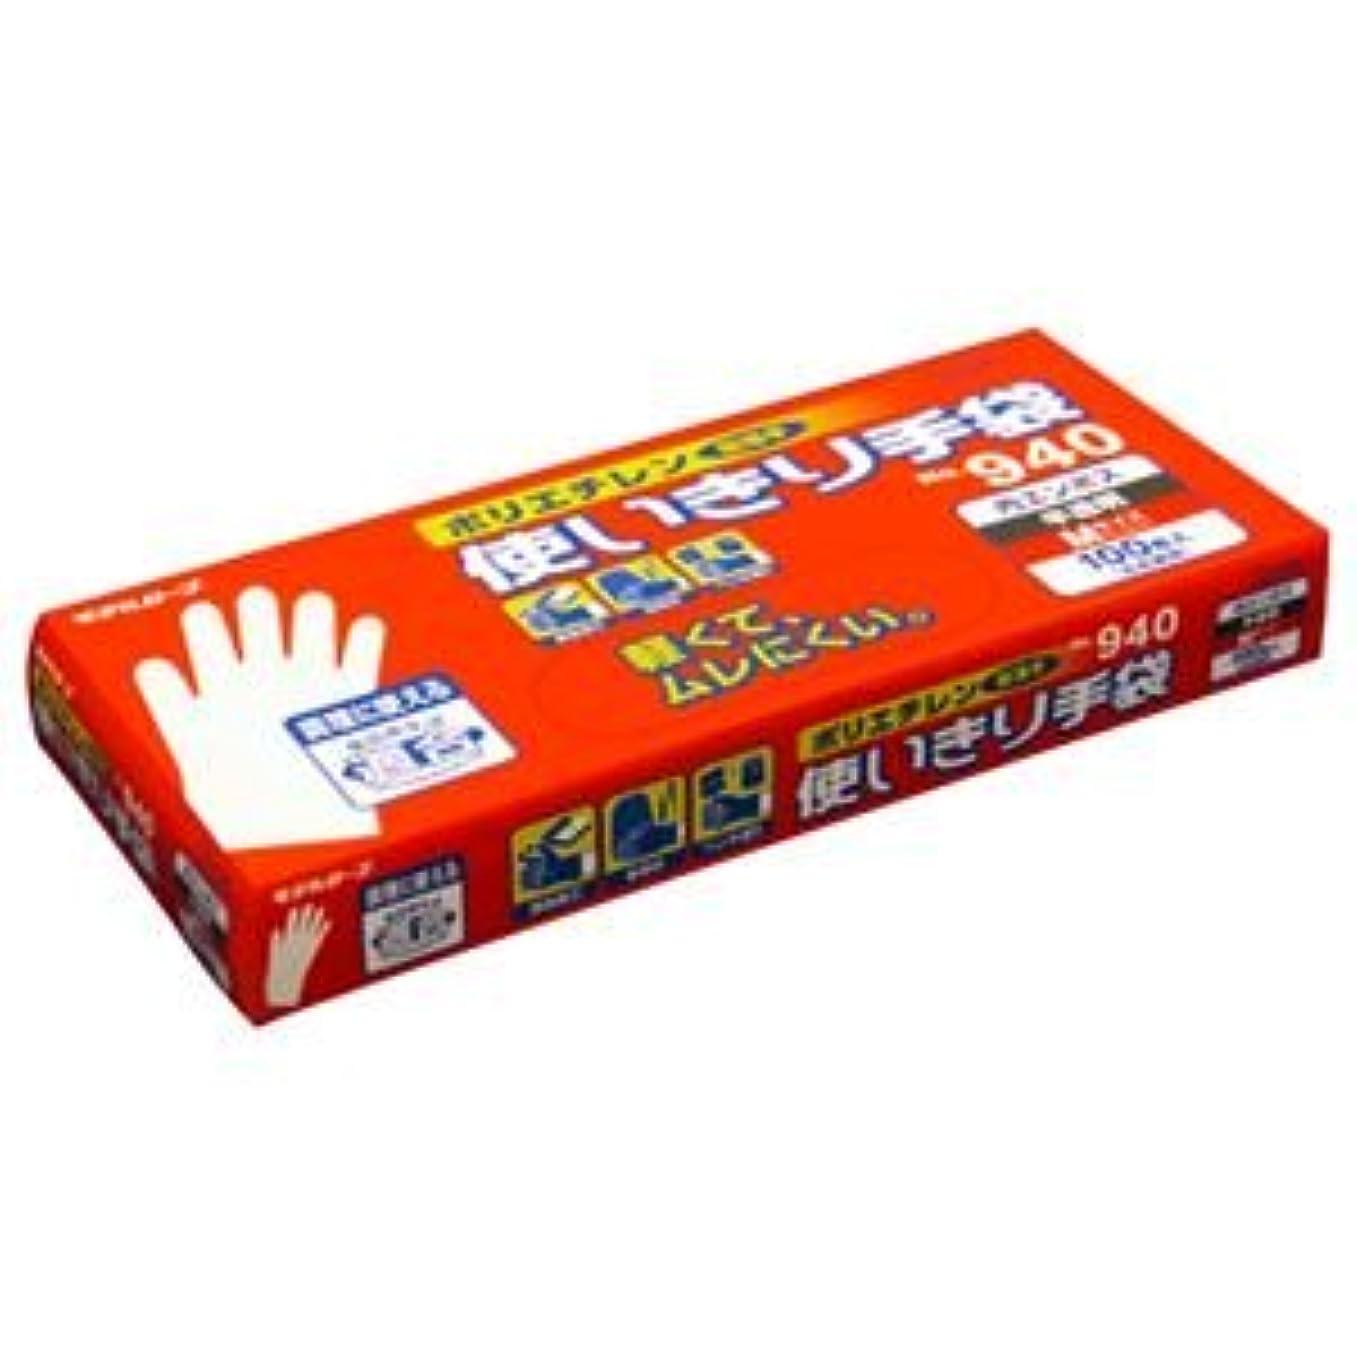 困惑する銃無謀(まとめ) エステー No.940 ポリエチレン使いきり手袋(内エンボス) M 1箱(100枚) 【×10セット】